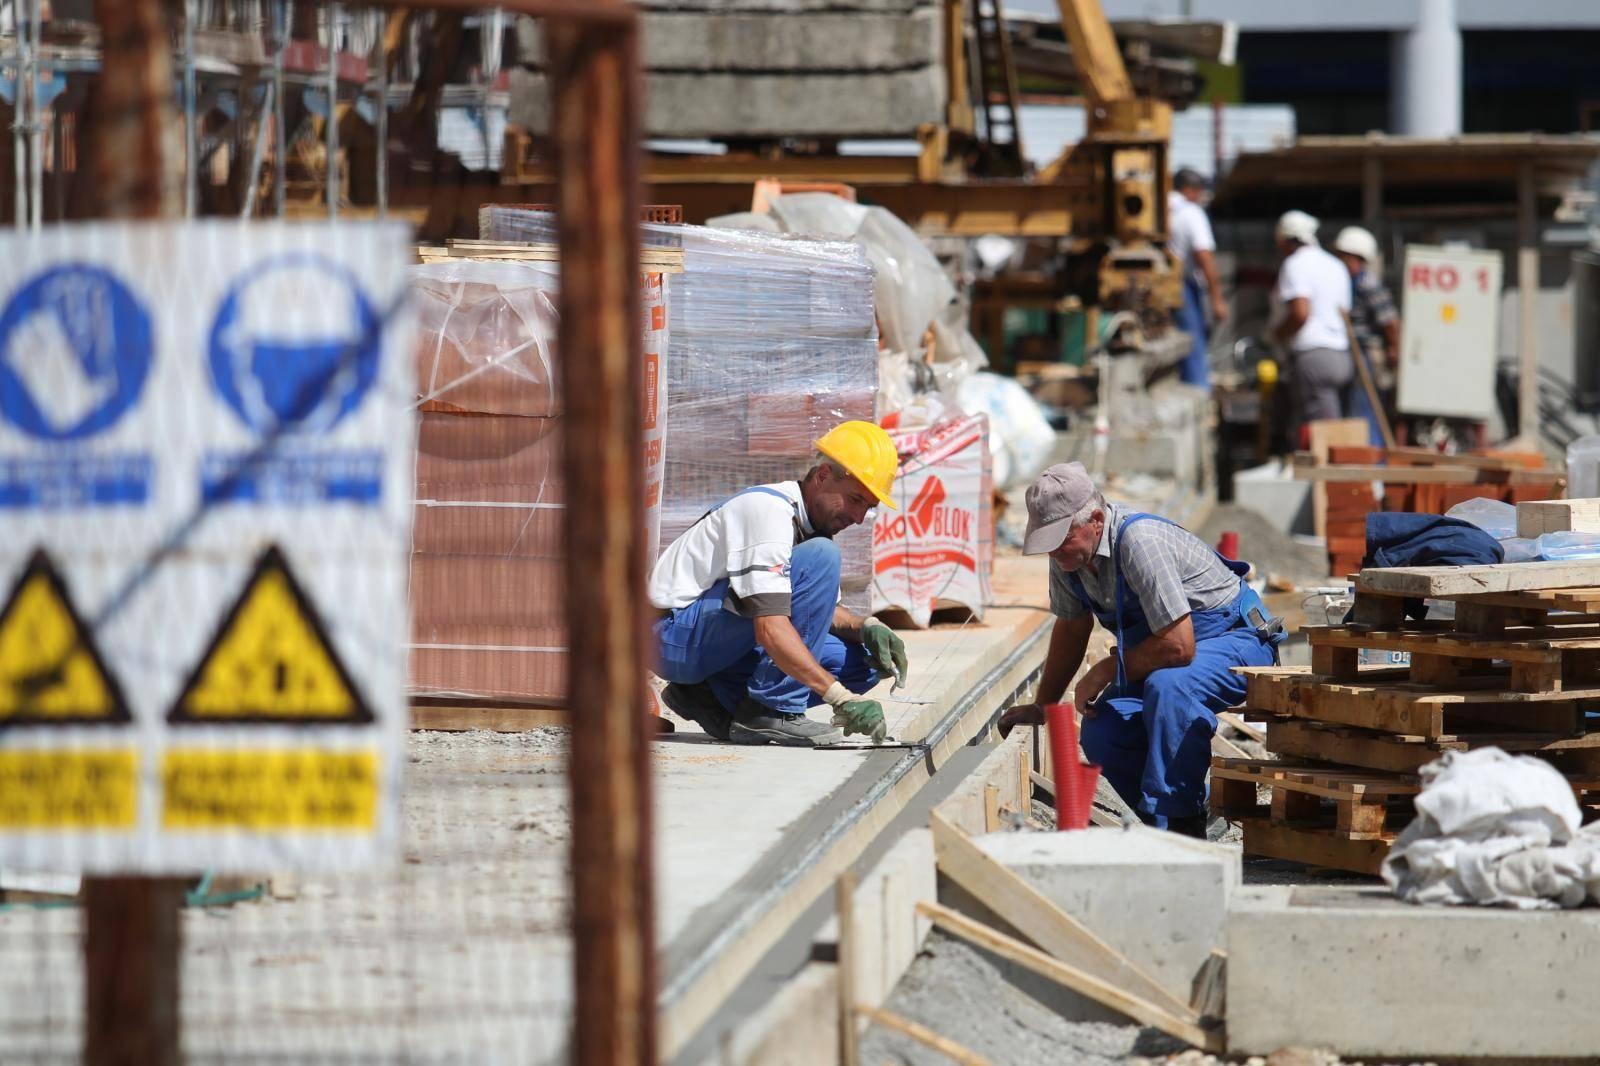 Sindikati upozoravaju: Olakšice radniku donose manju mirovinu